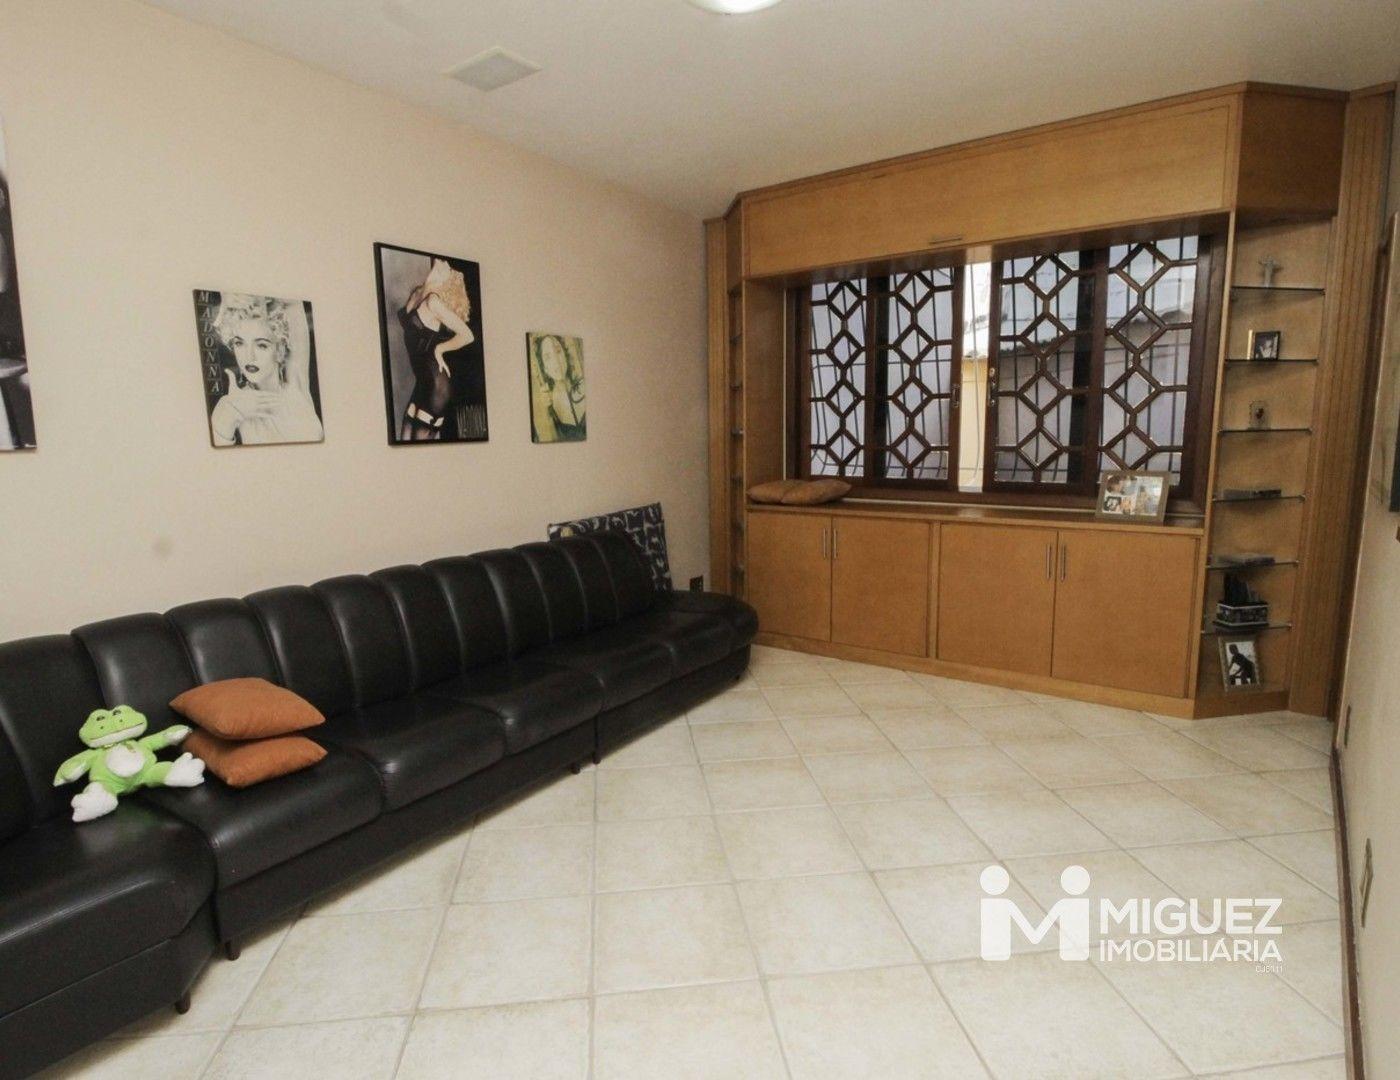 Casa, venda, Rua Felipe Camarão - Tijuca , Rio de janeiro